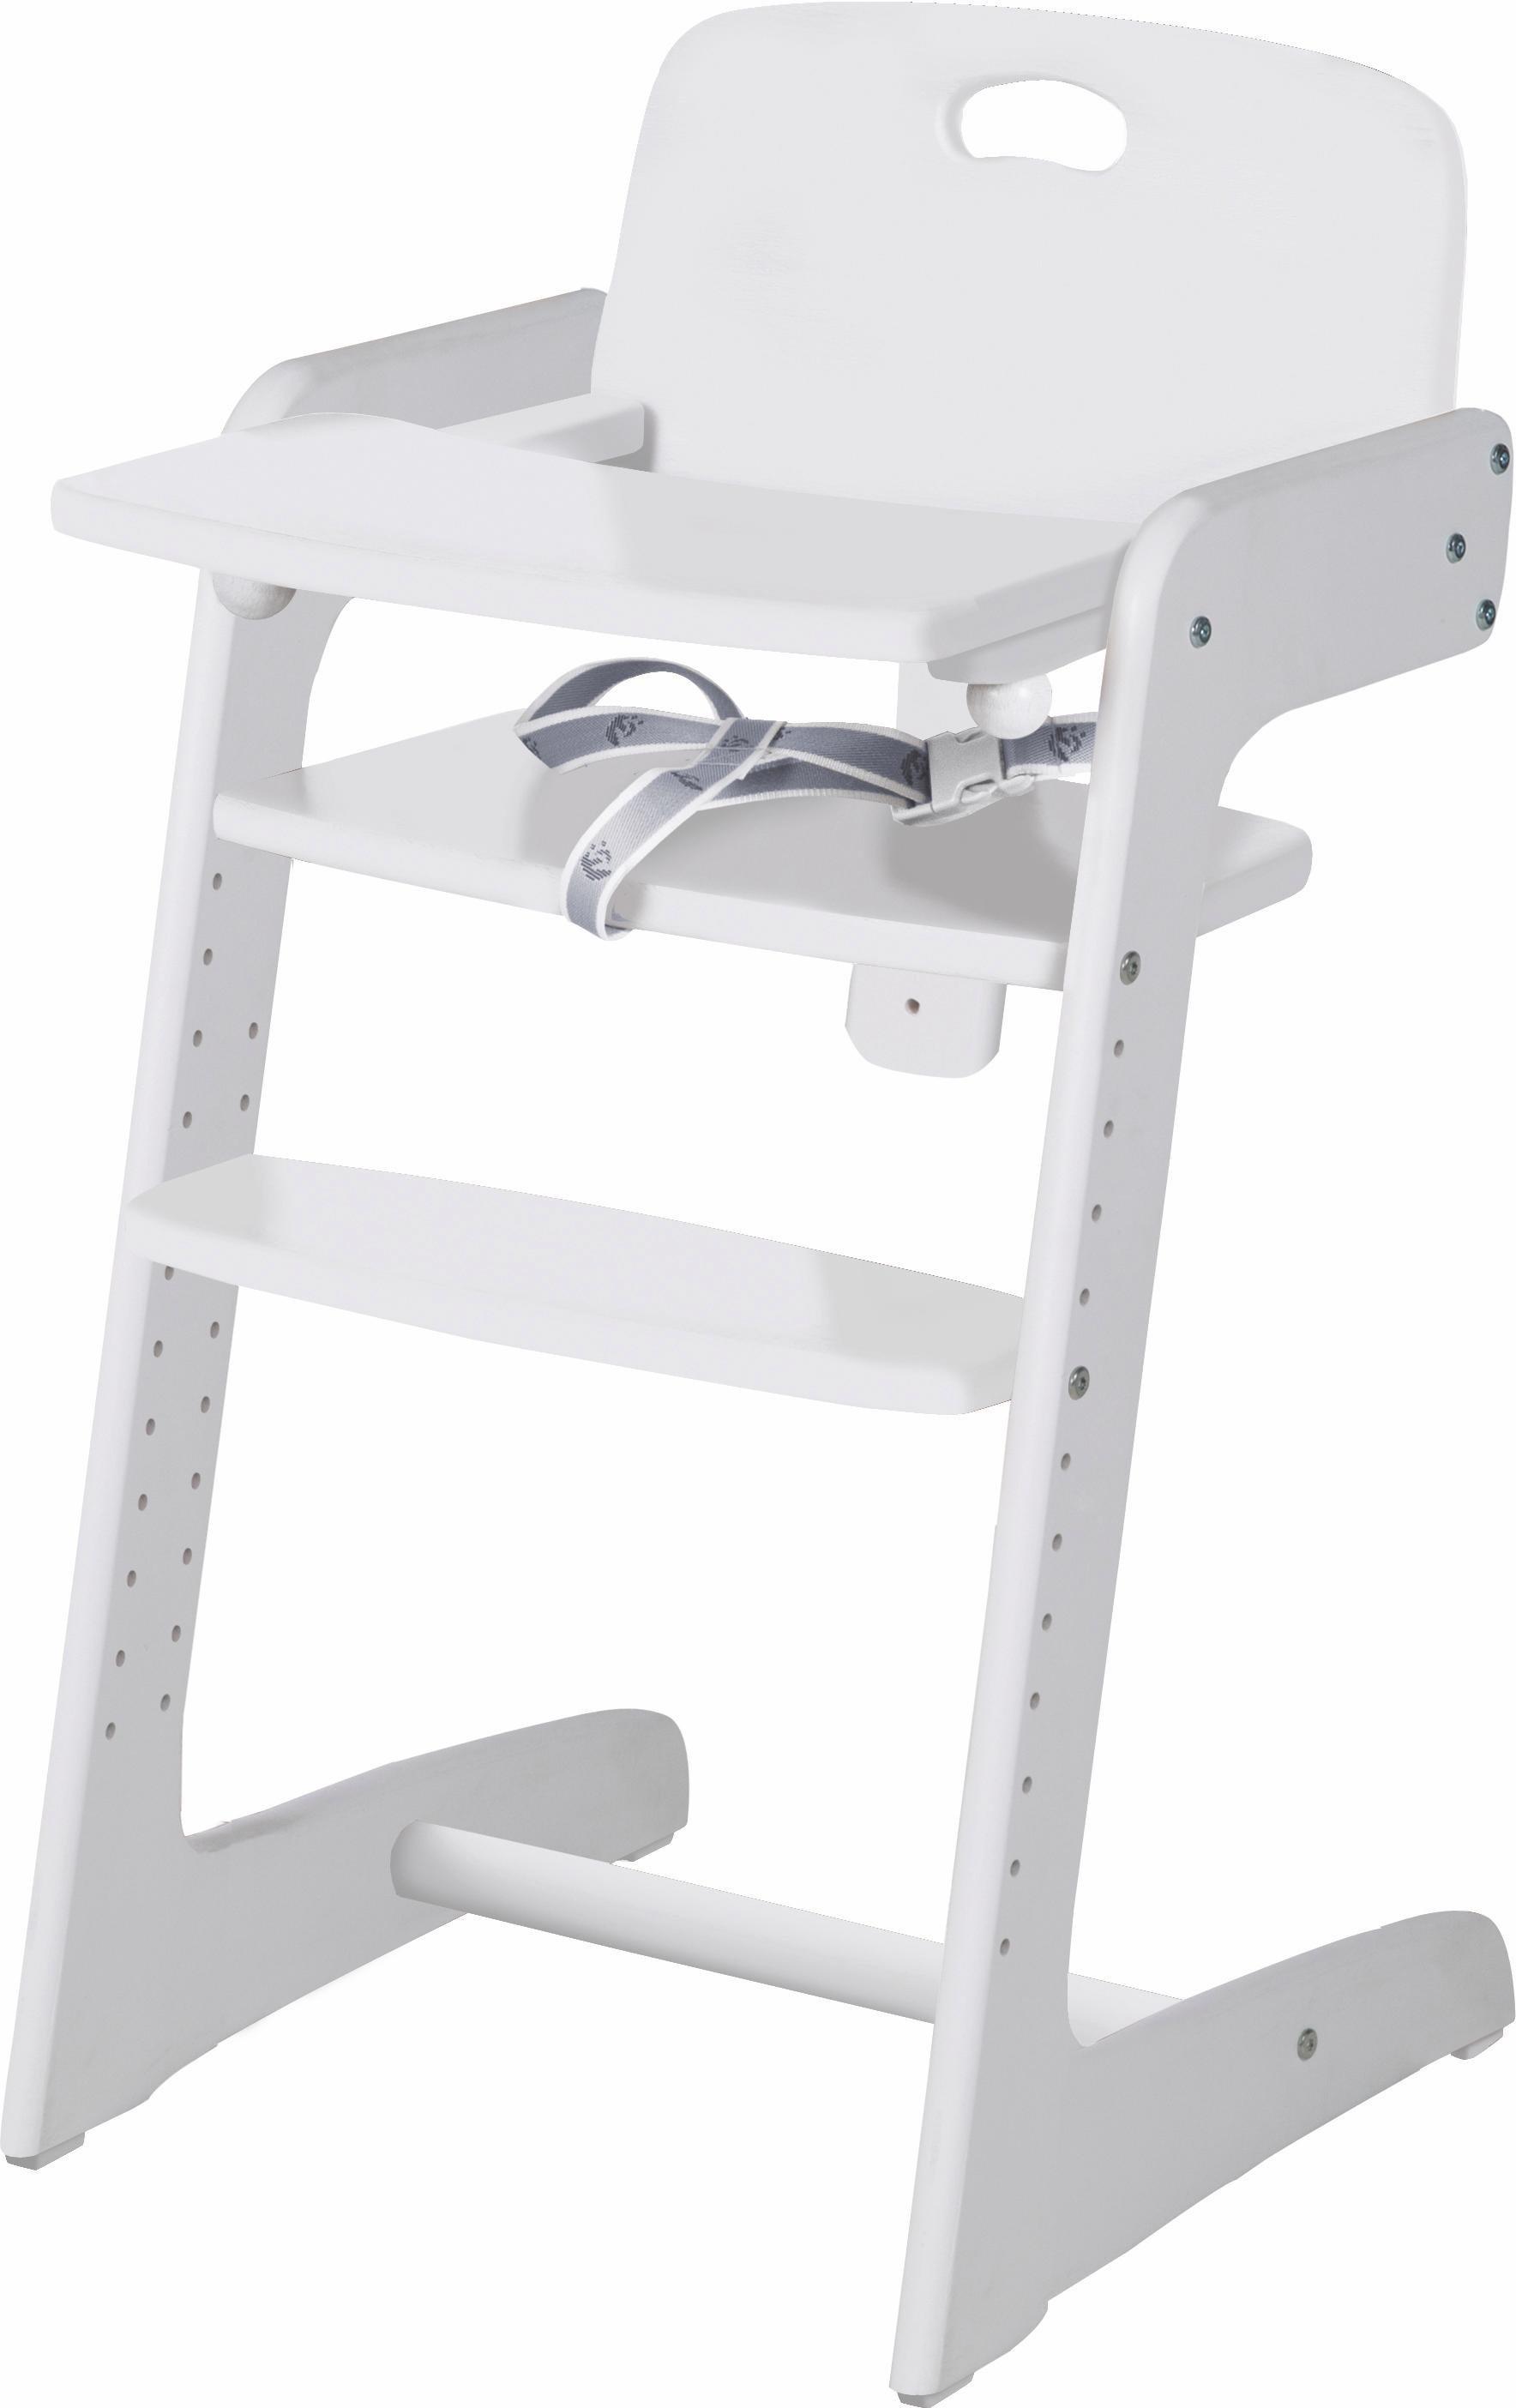 Roba Hochstuhl aus Holz, »Treppenhochstuhl, Kid Up, weiß«   Kinderzimmer > Kinderzimmerstühle > Hochstühle   Weiß   Buche - Massiv   Roba®